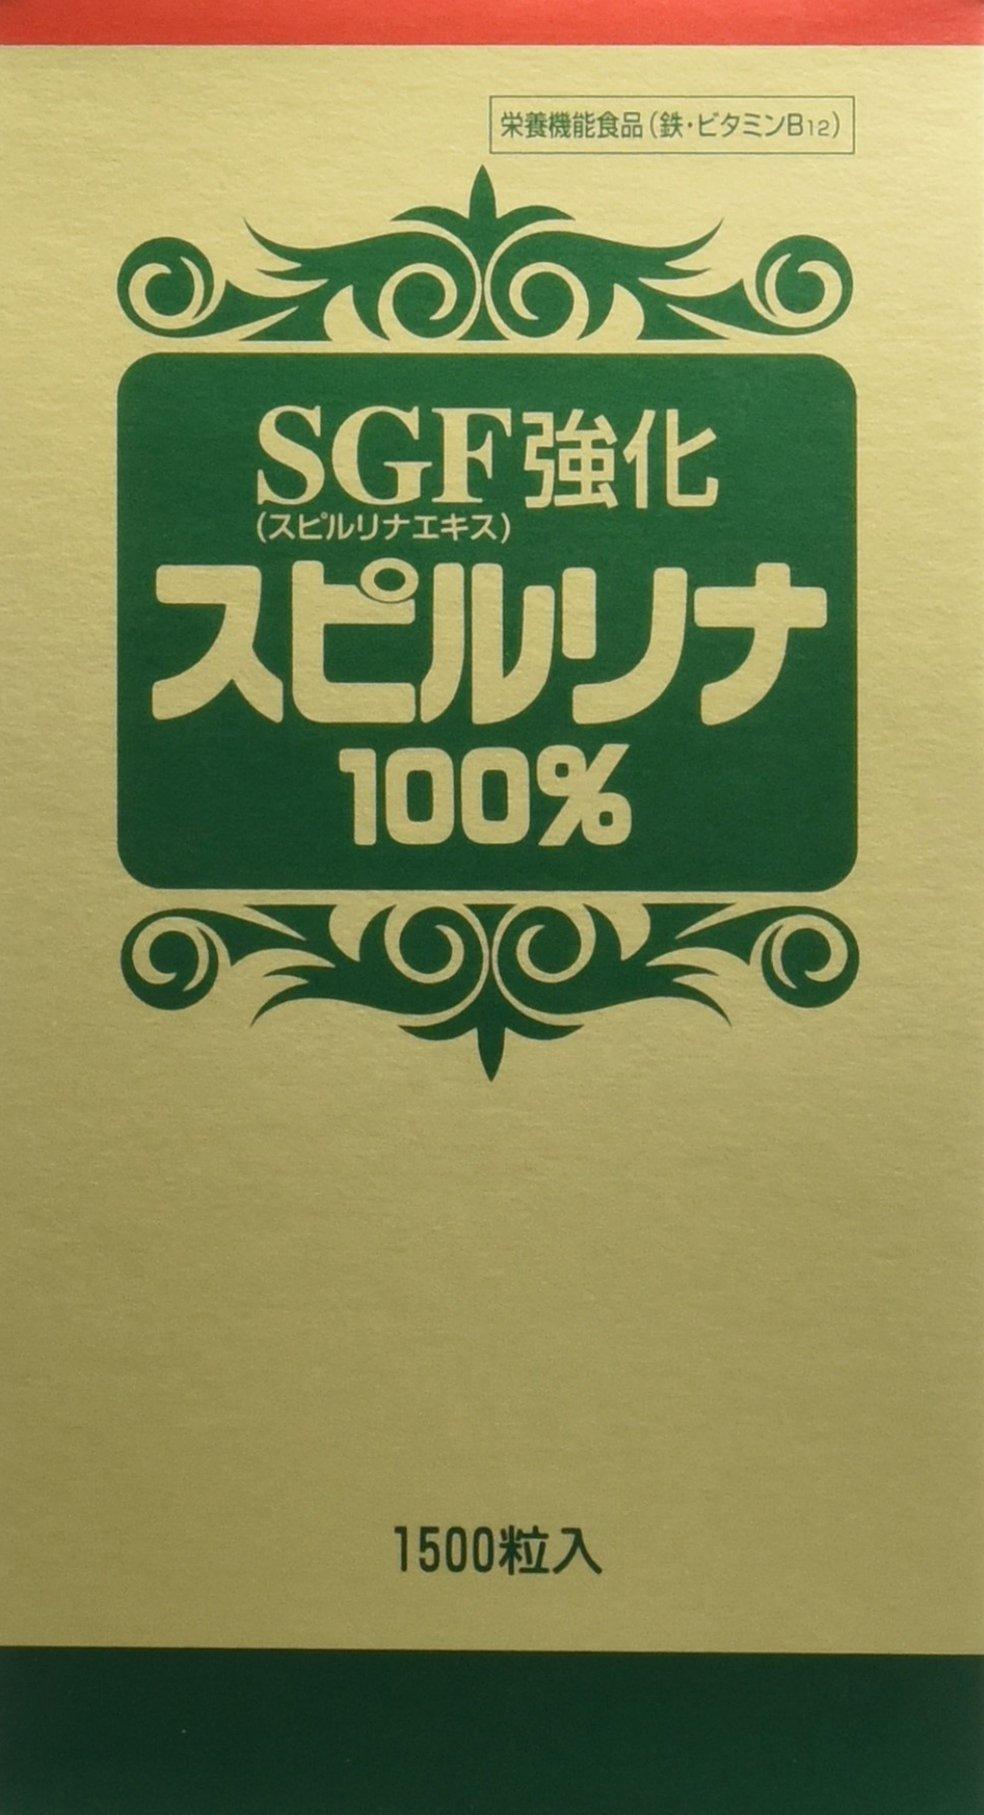 1500 Grain SGF Strengthening Spirulina 100%